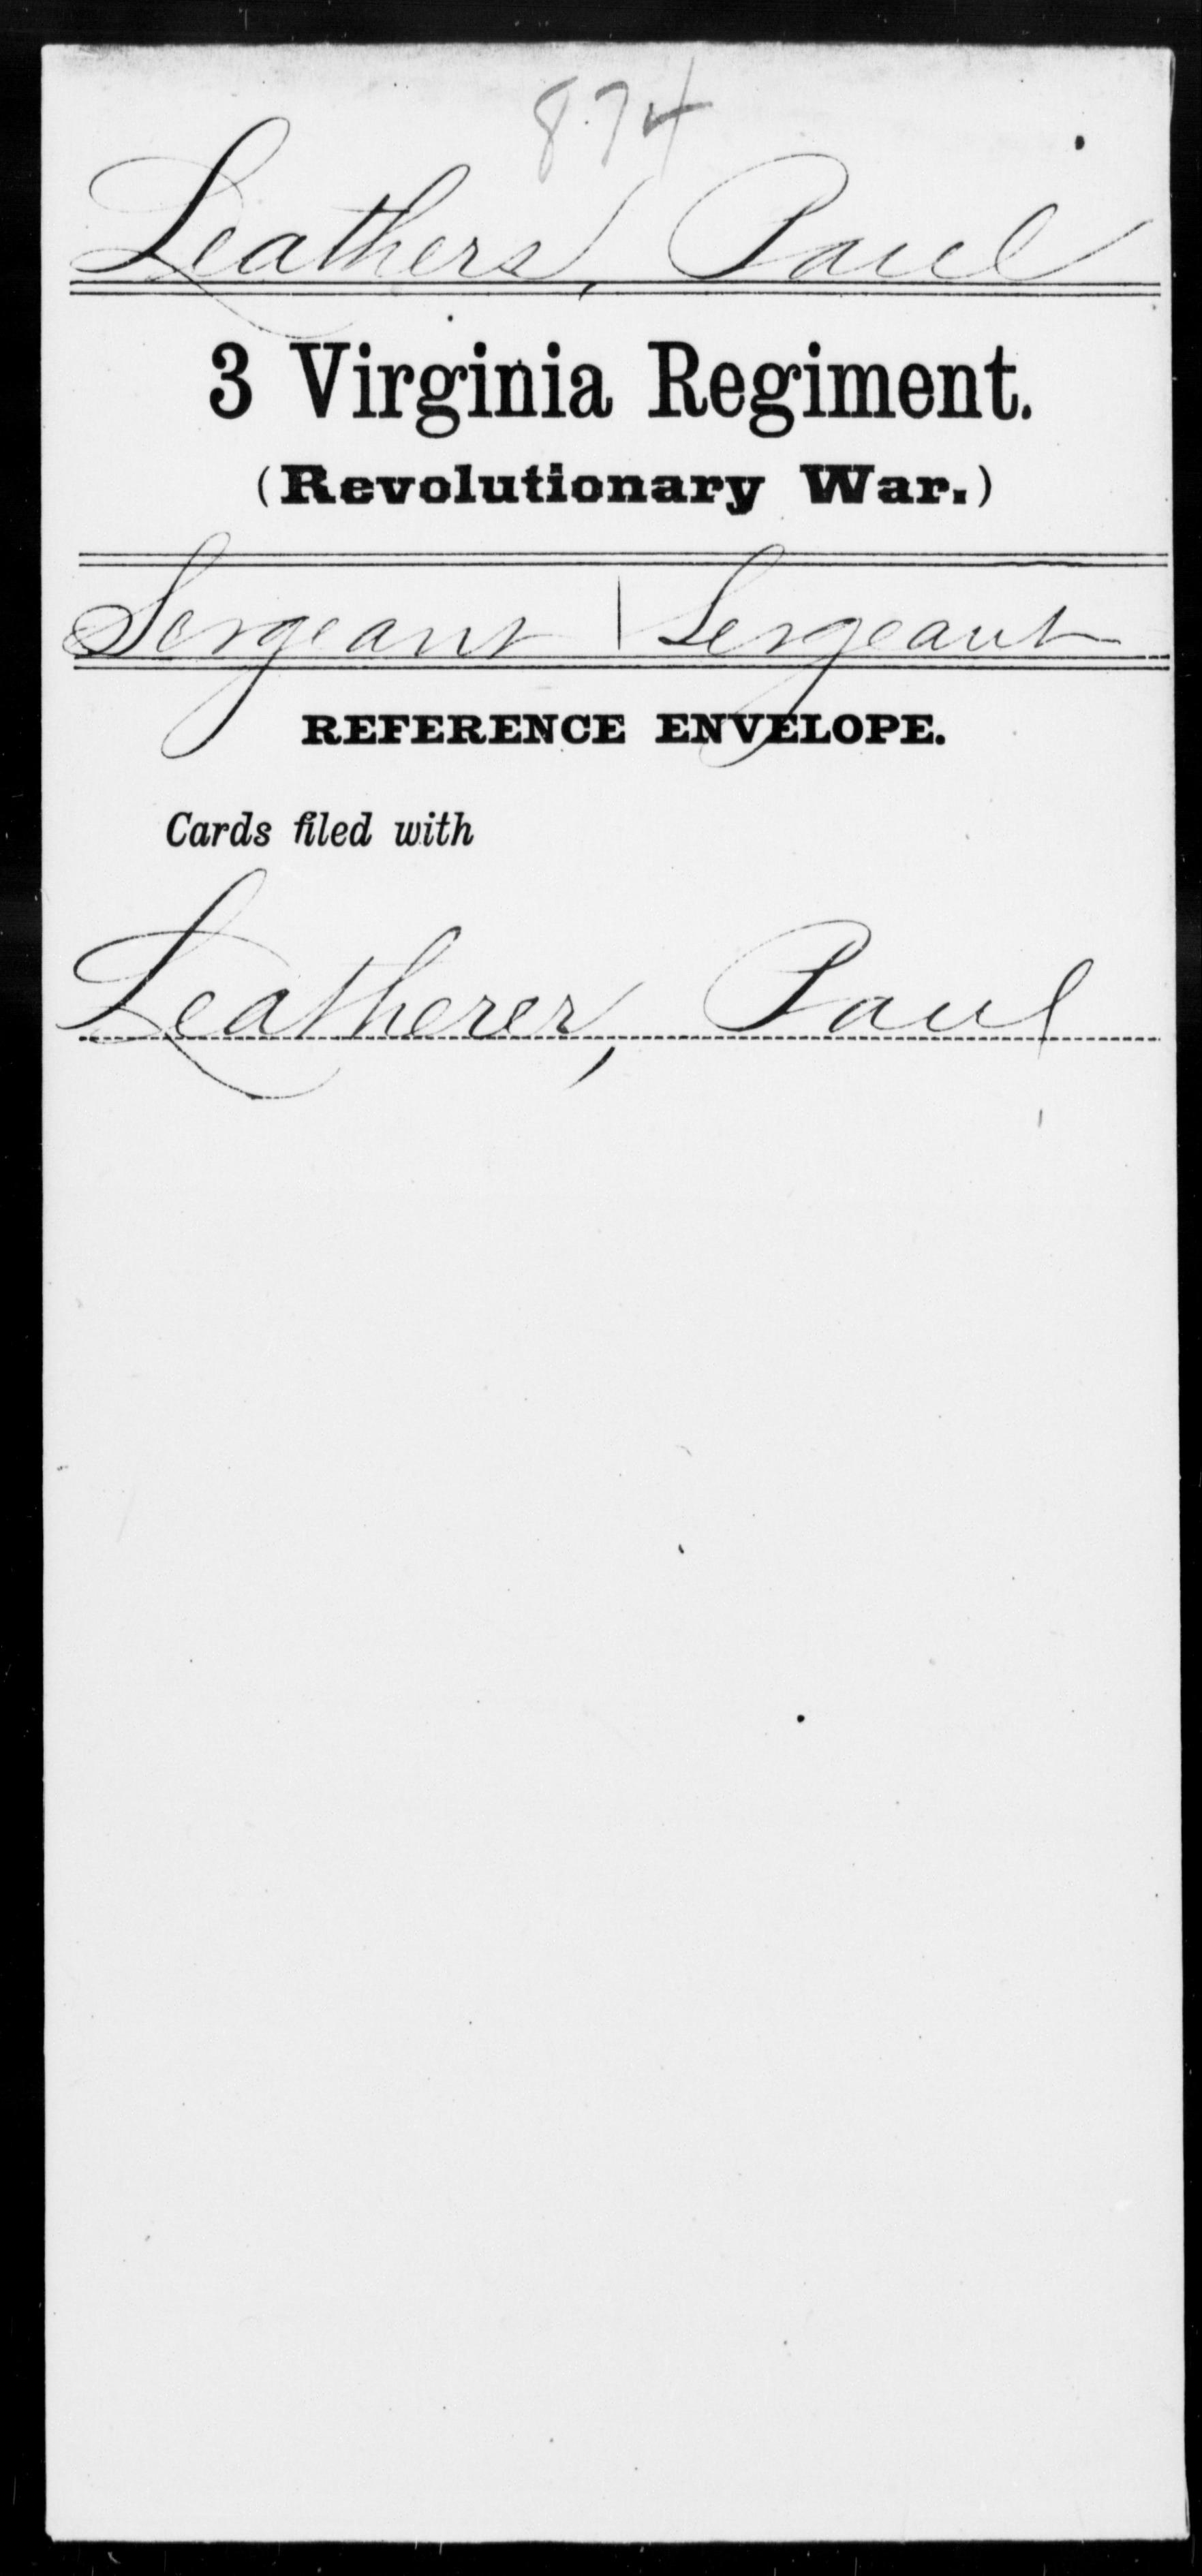 Leathers, Paul - Virginia - Third Regiment